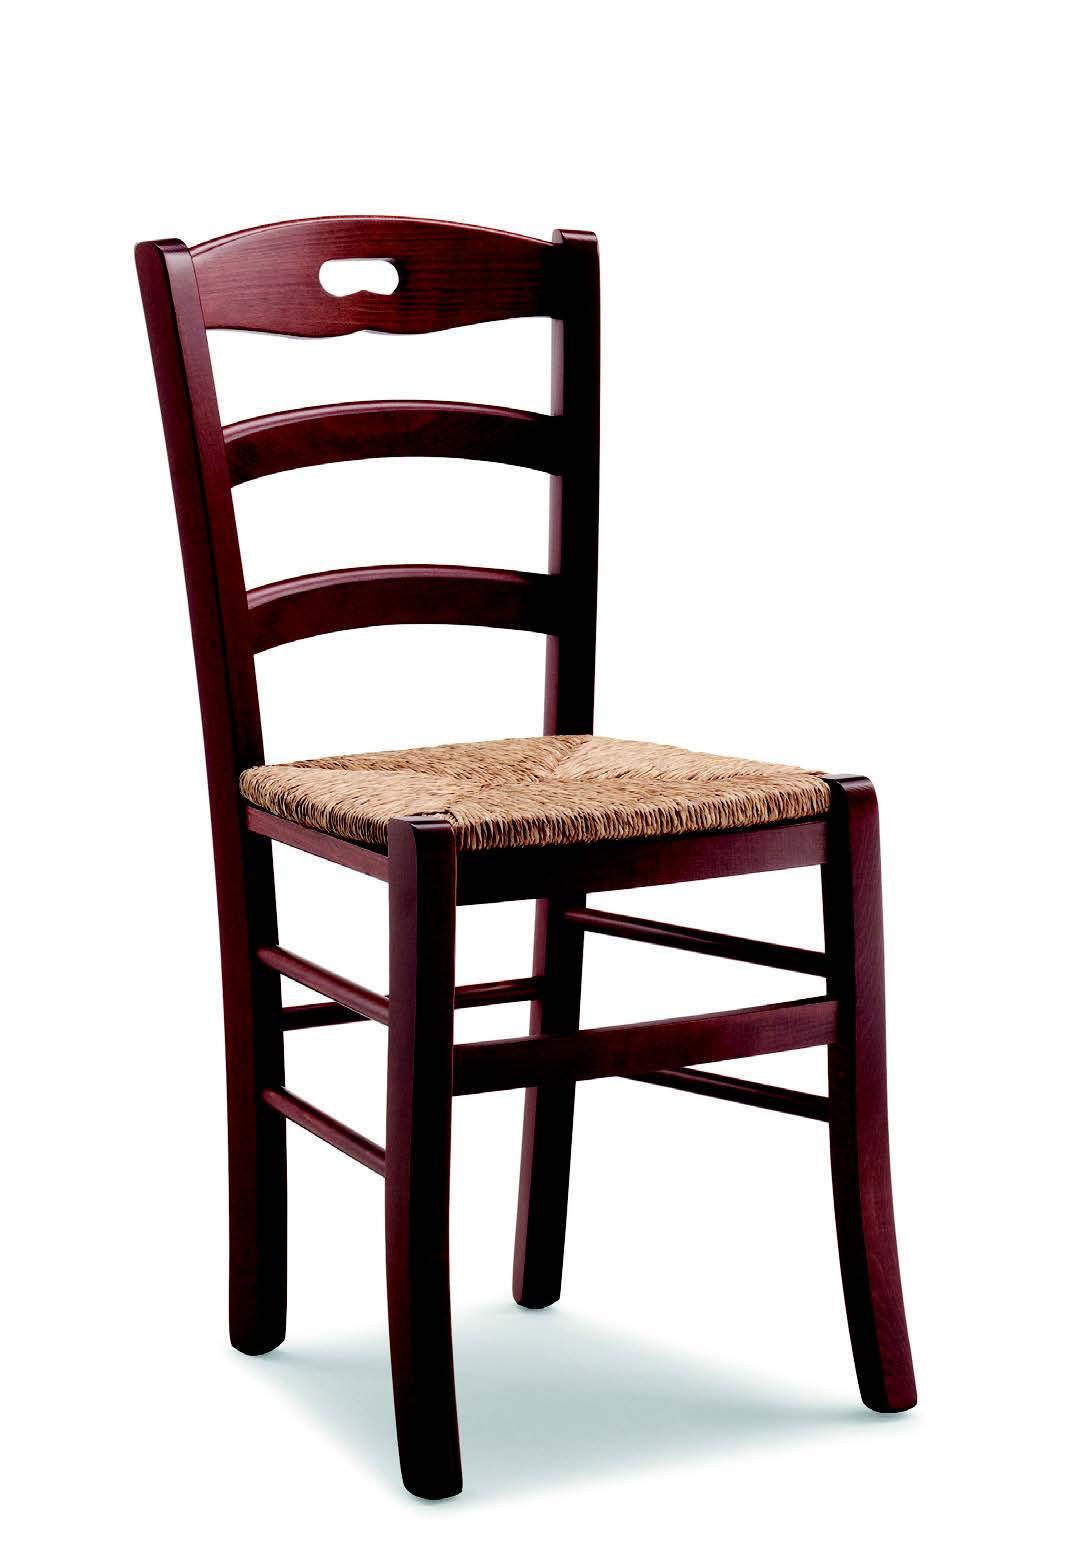 Sedie E Tavoli In Legno.Sedia In Legno Daisy Galimberti Sedie E Tavoli